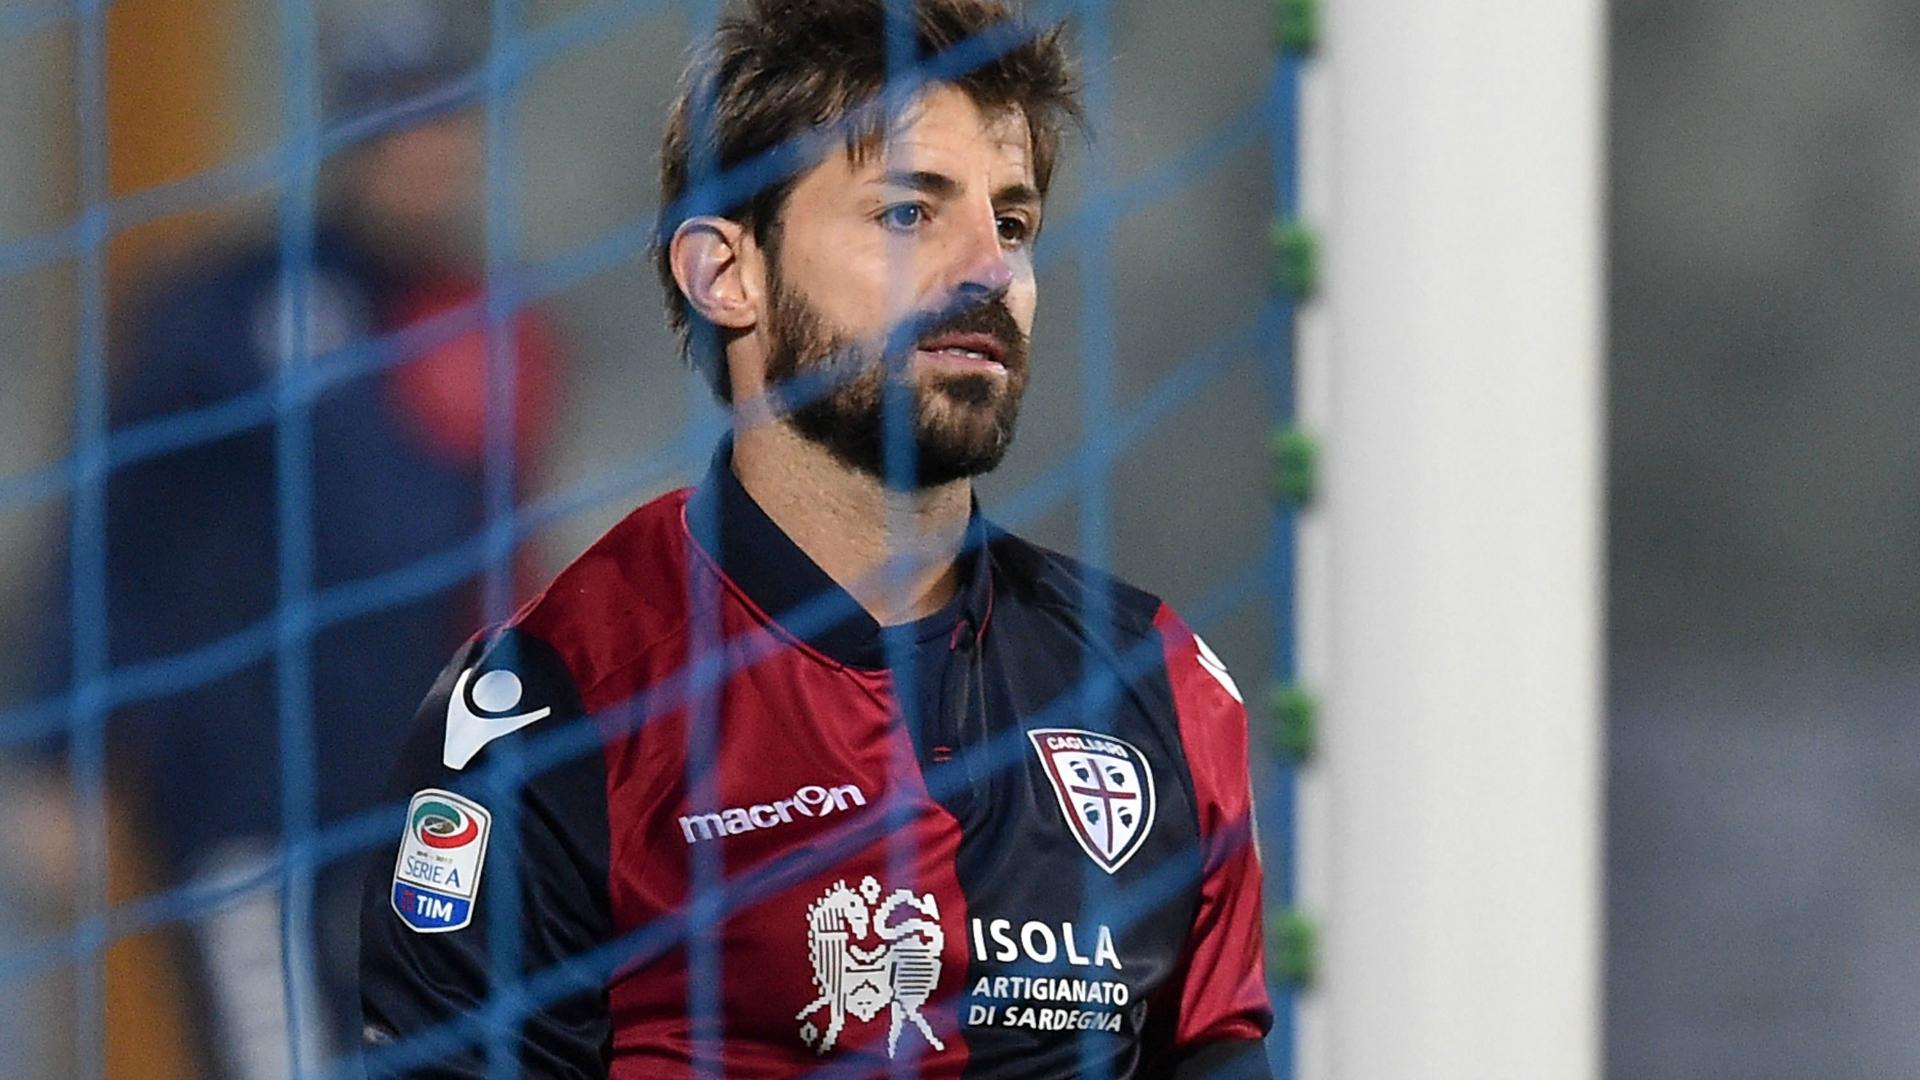 Milan-Cagliari, i convocati di Rastelli: c'è Borriello, escluso Storari